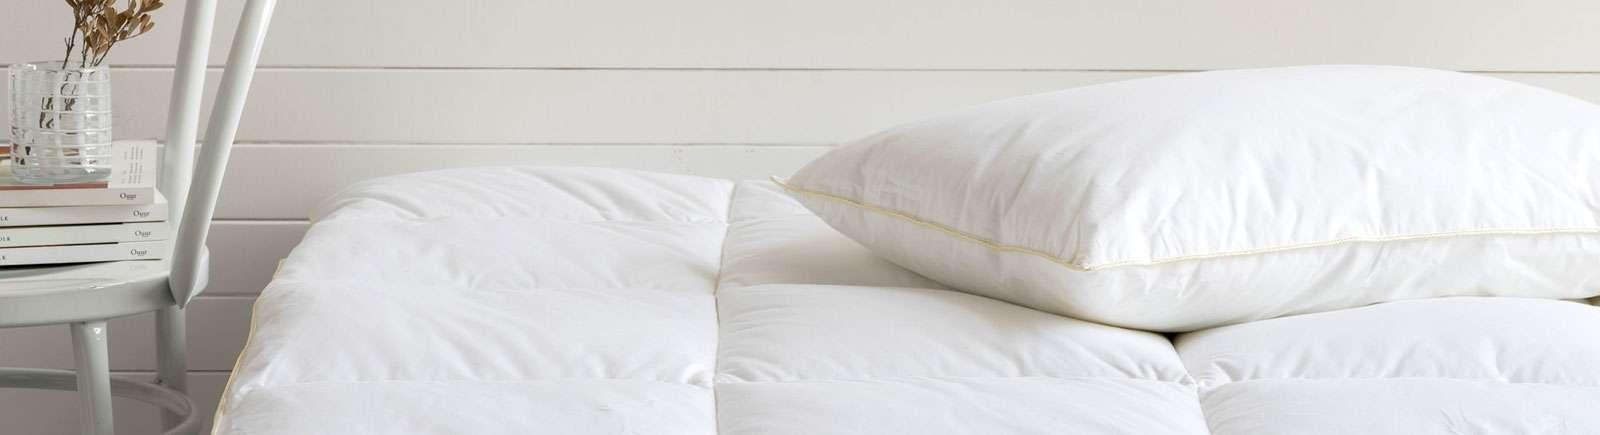 Μαξιλάρια Ύπνου Παιδικά